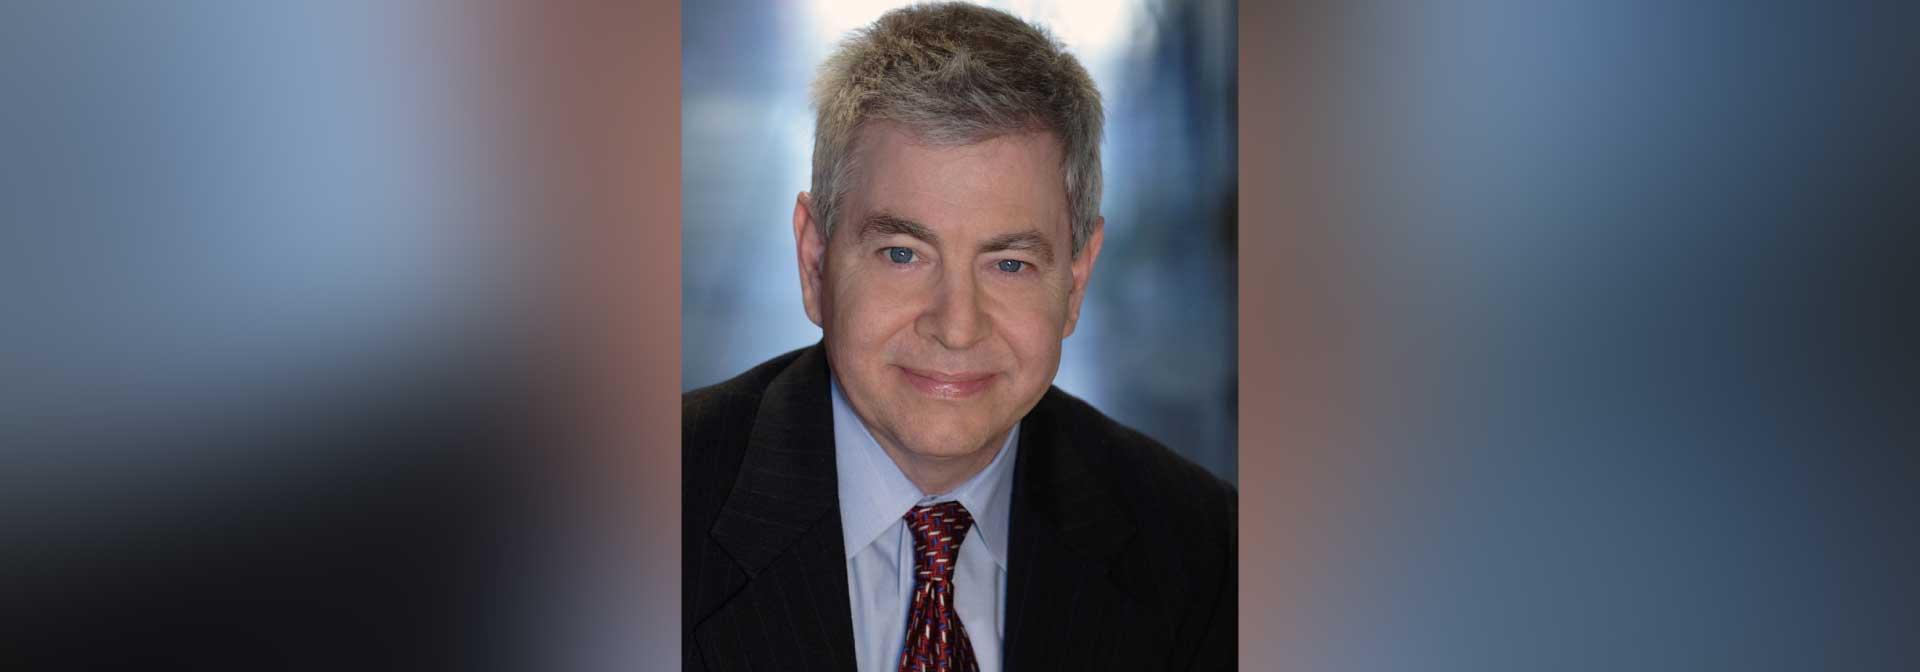 David D. Shein